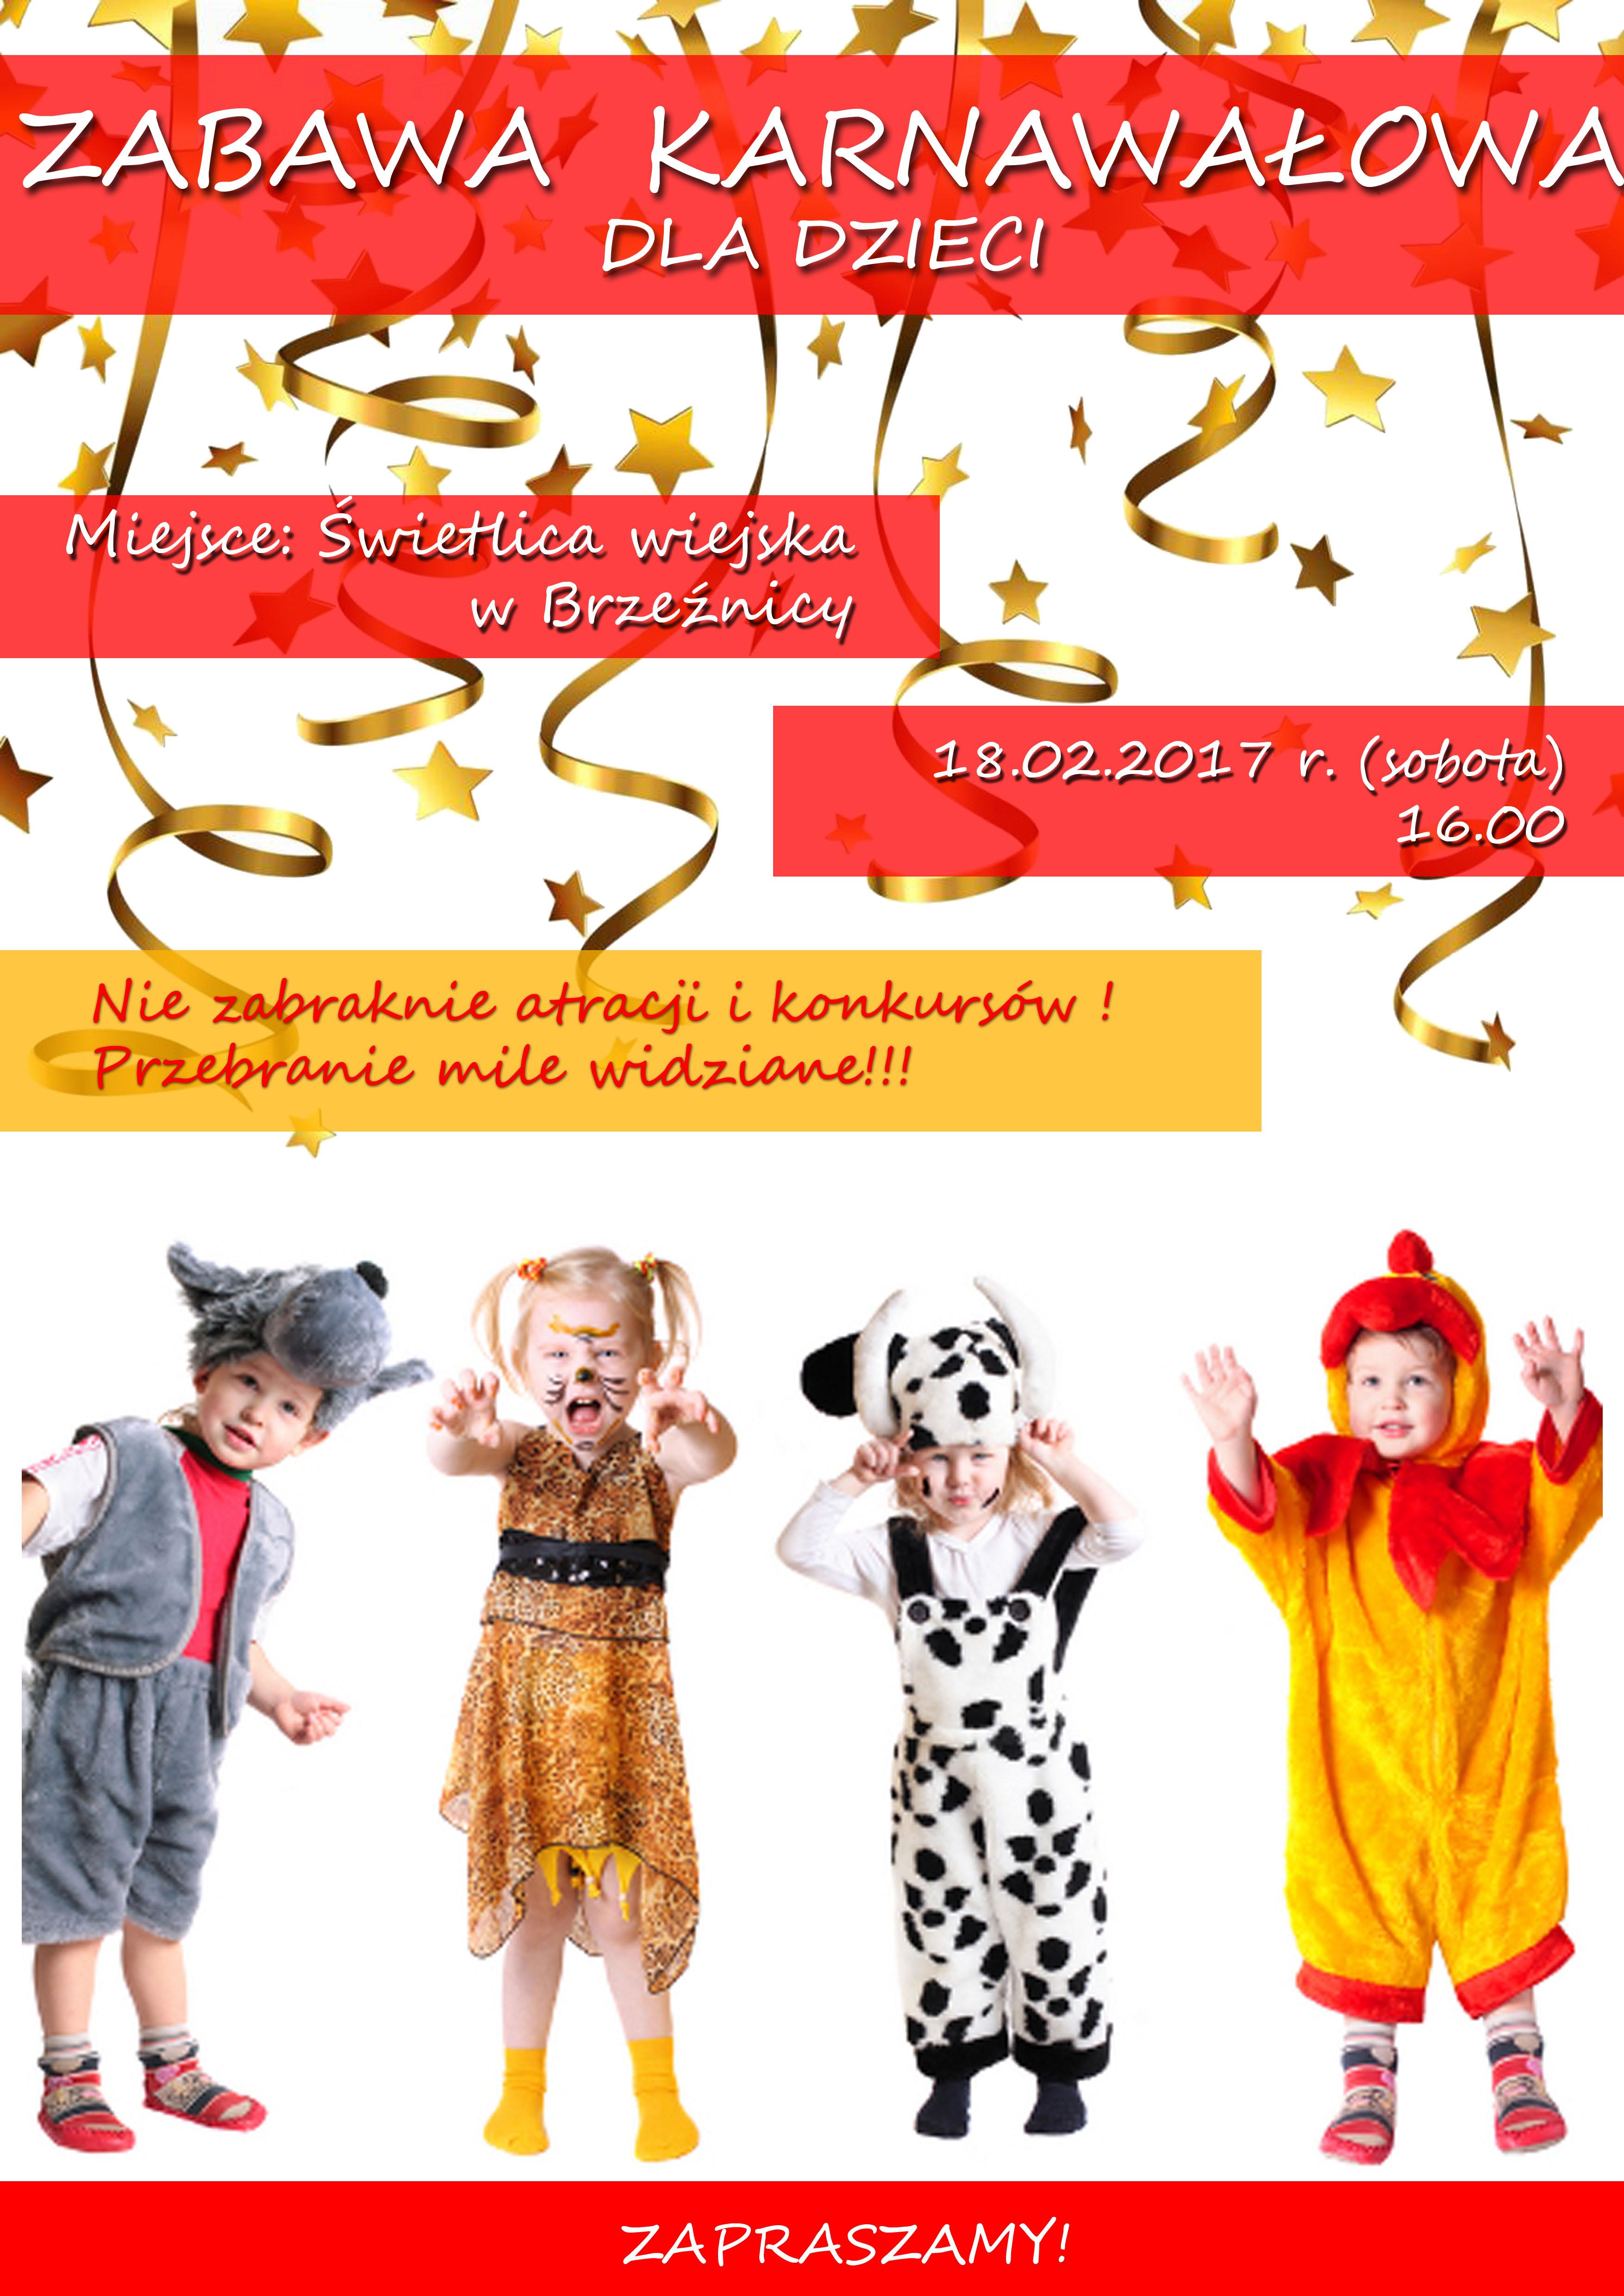 Plakat zabawa karnawałowa w Brzeźnicy